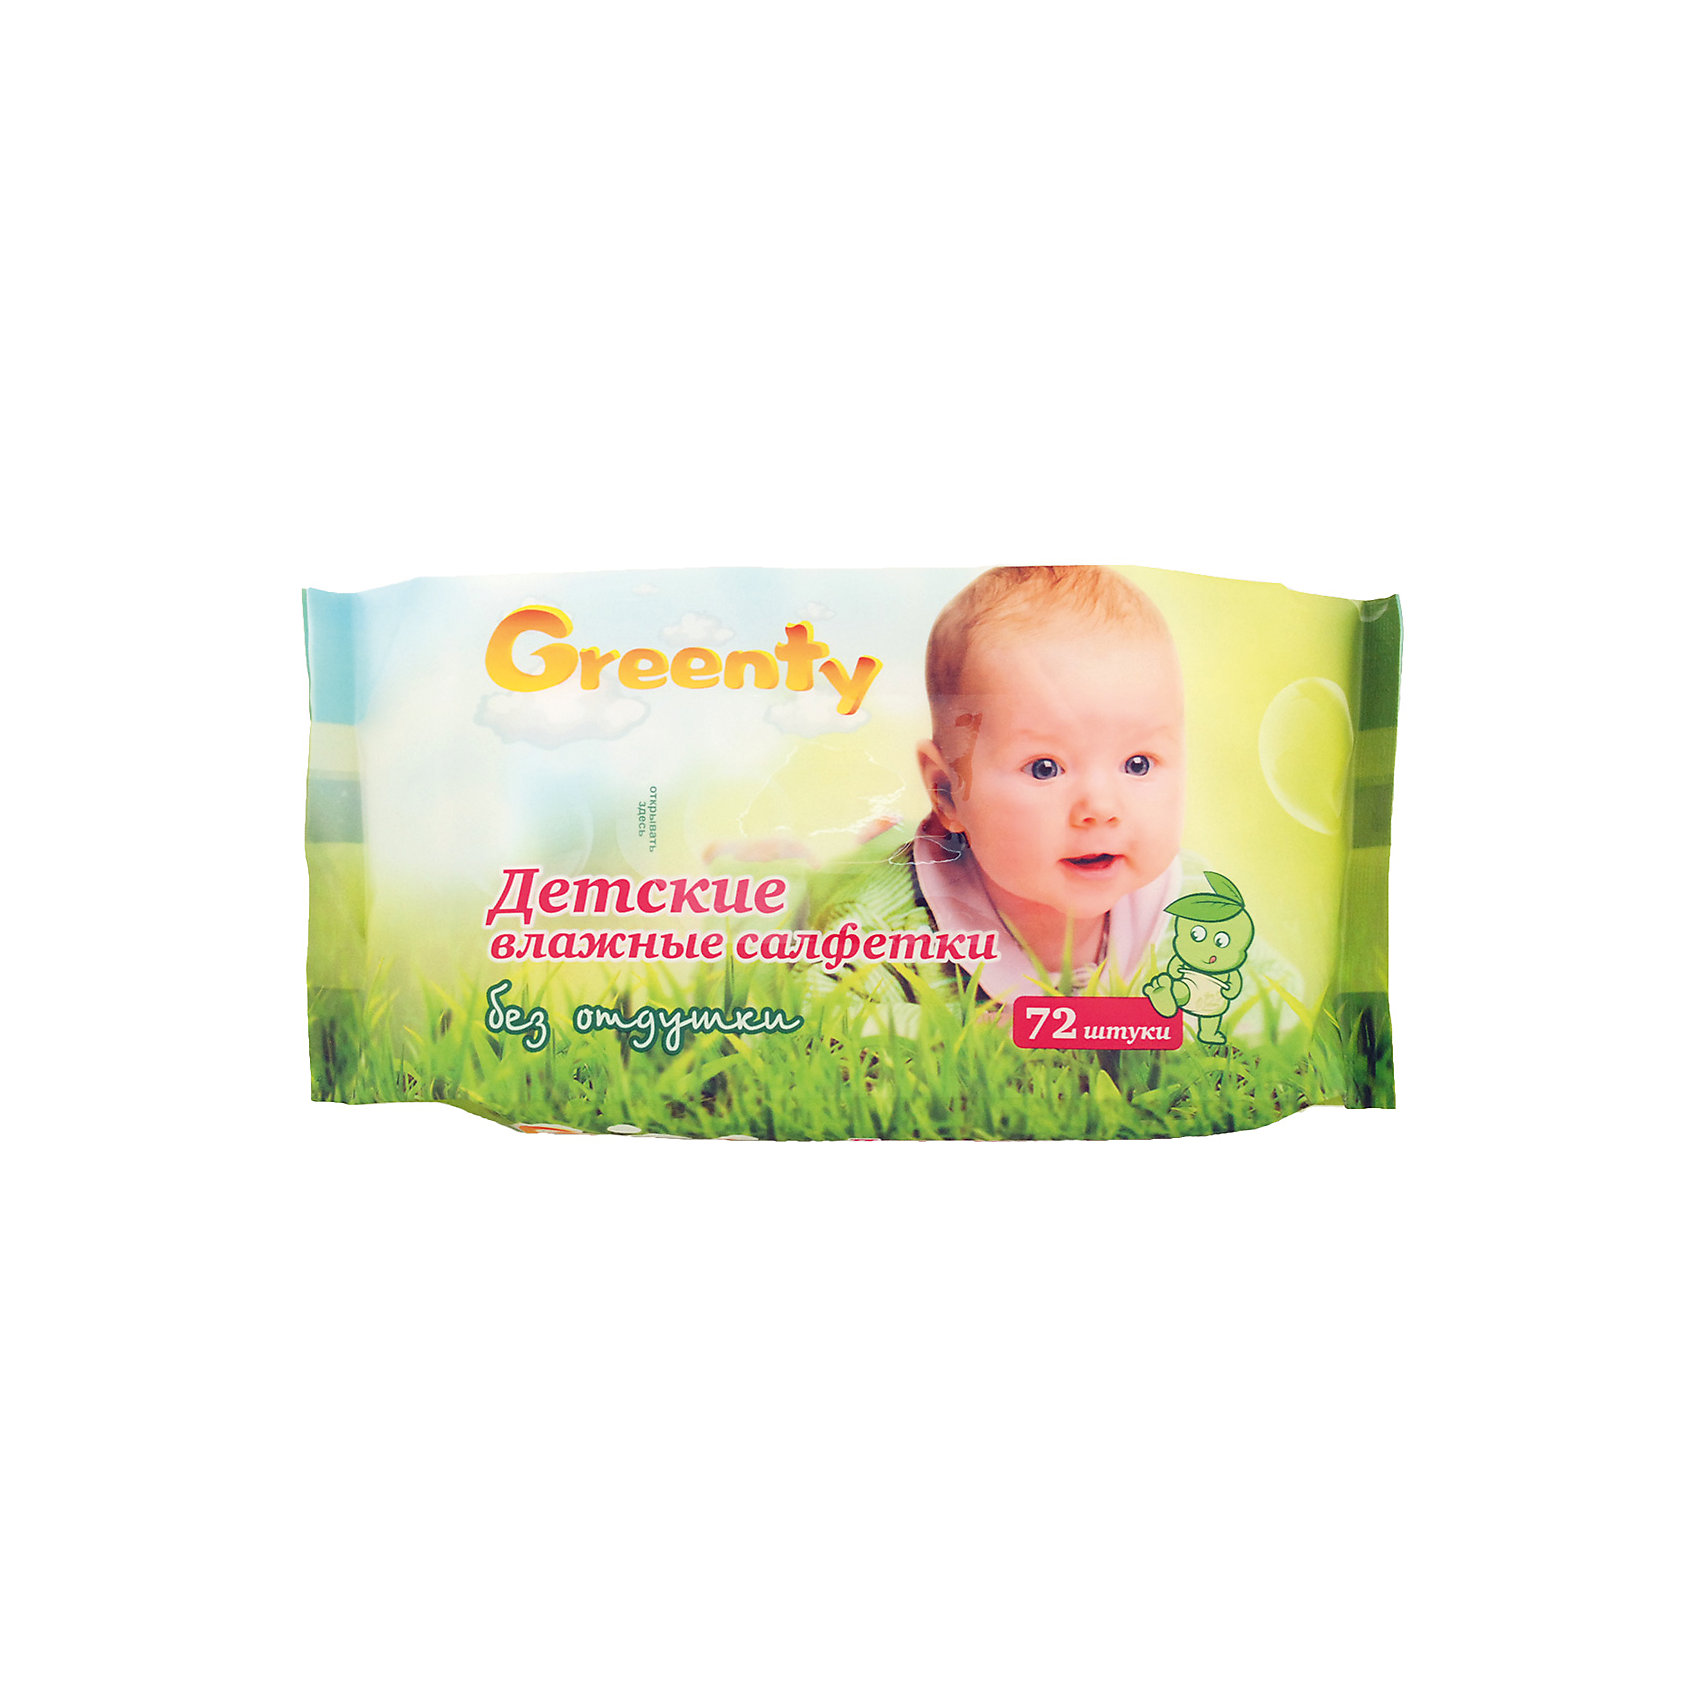 Влажные салфетки 72 шт., GreentyВлажные салфетки – незаменимая вещь для тех, у кого есть малыш. Салфетки удобно брать в дорогу, на прогулки и гости, обеспечивая чистоту и гигиену малыша в любых условиях. Салфетки подходят для использования с самого рождения, так как не содержат спирт и не сушат кожу малыша. У модели приятный нейтральный запах. Упаковка открывается и закрывается много раз, не позволяя салфеткам терять свойства. Все материалы, использованные при разработке и изготовлении влажных салфеток безопасны для использования, отвечают всем требованиям экологичности и качества детских товаров, а так же гипоаллергенны. <br><br>Дополнительная информация:<br><br>модель: салфетки Greenty;<br>количество: 72 шт.<br><br>Влажные салфетки Greenty можно приобрести в нашем магазине.<br><br>Ширина мм: 170<br>Глубина мм: 50<br>Высота мм: 100<br>Вес г: 250<br>Возраст от месяцев: 0<br>Возраст до месяцев: 36<br>Пол: Унисекс<br>Возраст: Детский<br>SKU: 4968089